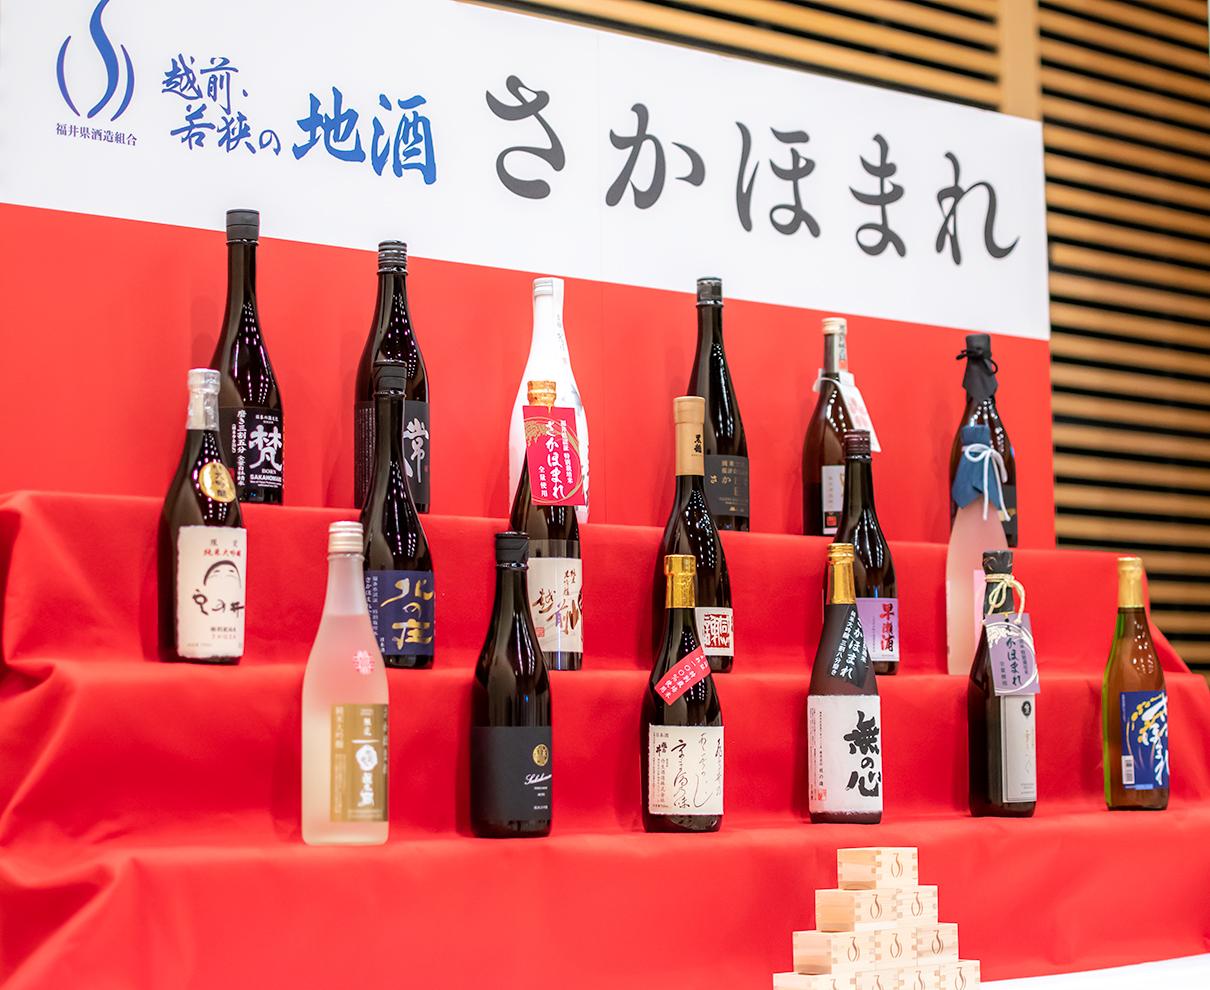 福井生まれ、福井育ちの日本酒「さかほまれ」。2年目がスタート!